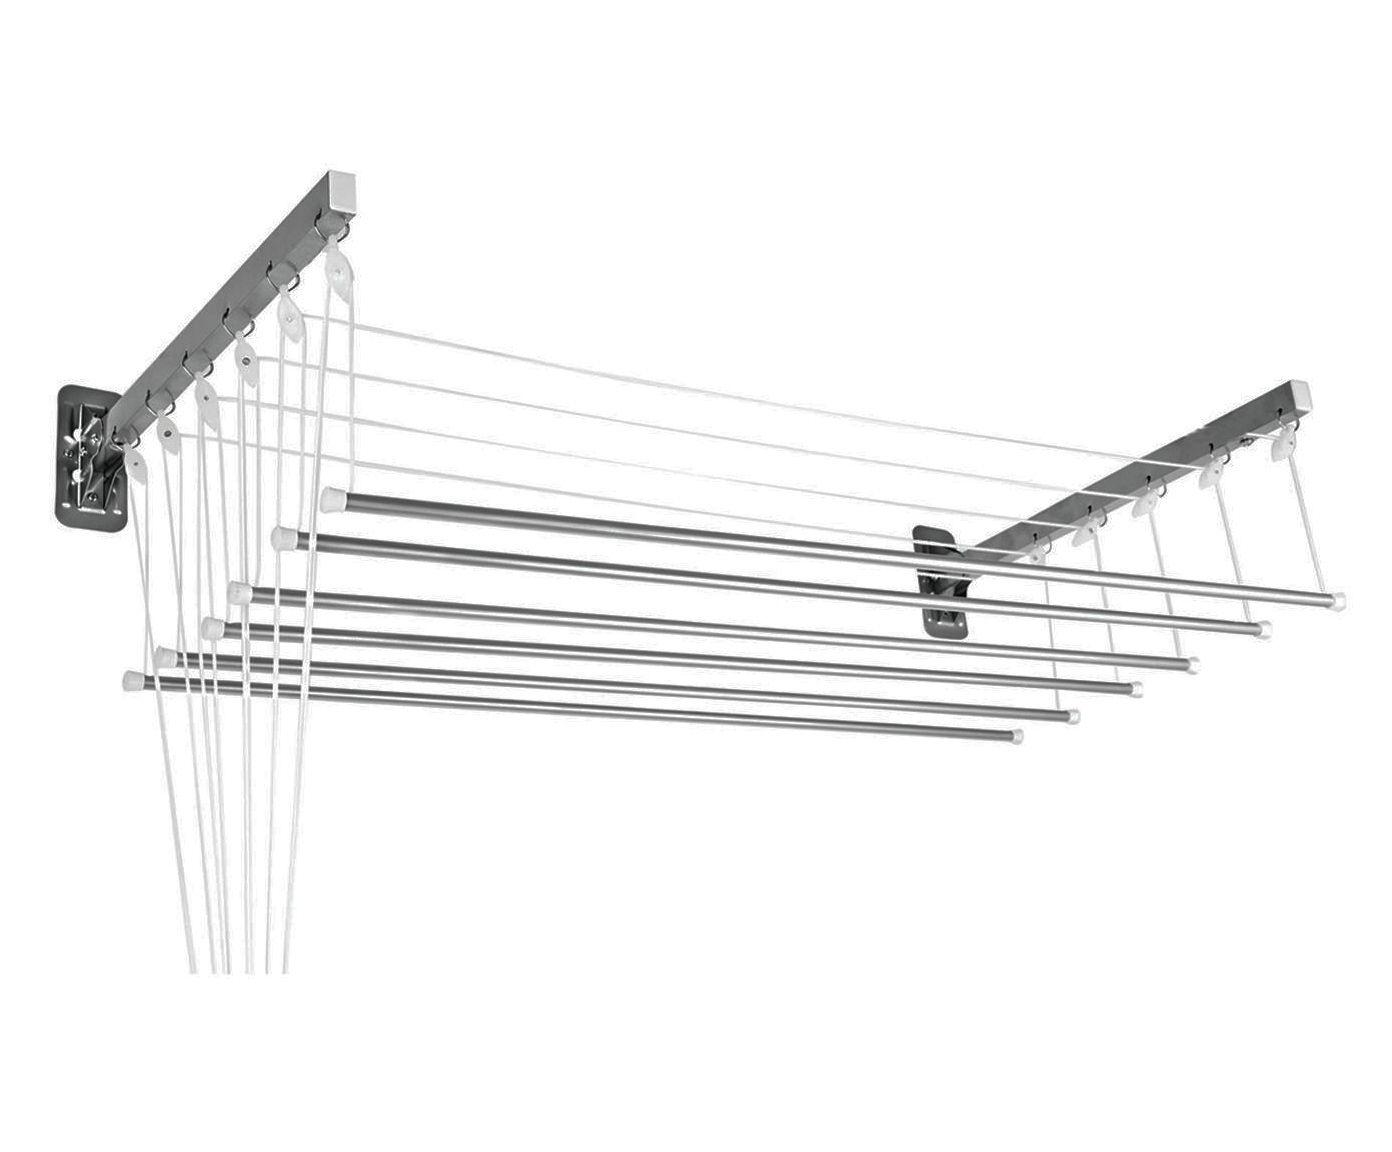 Varal Pratique Line - 120X56cm | Westwing.com.br